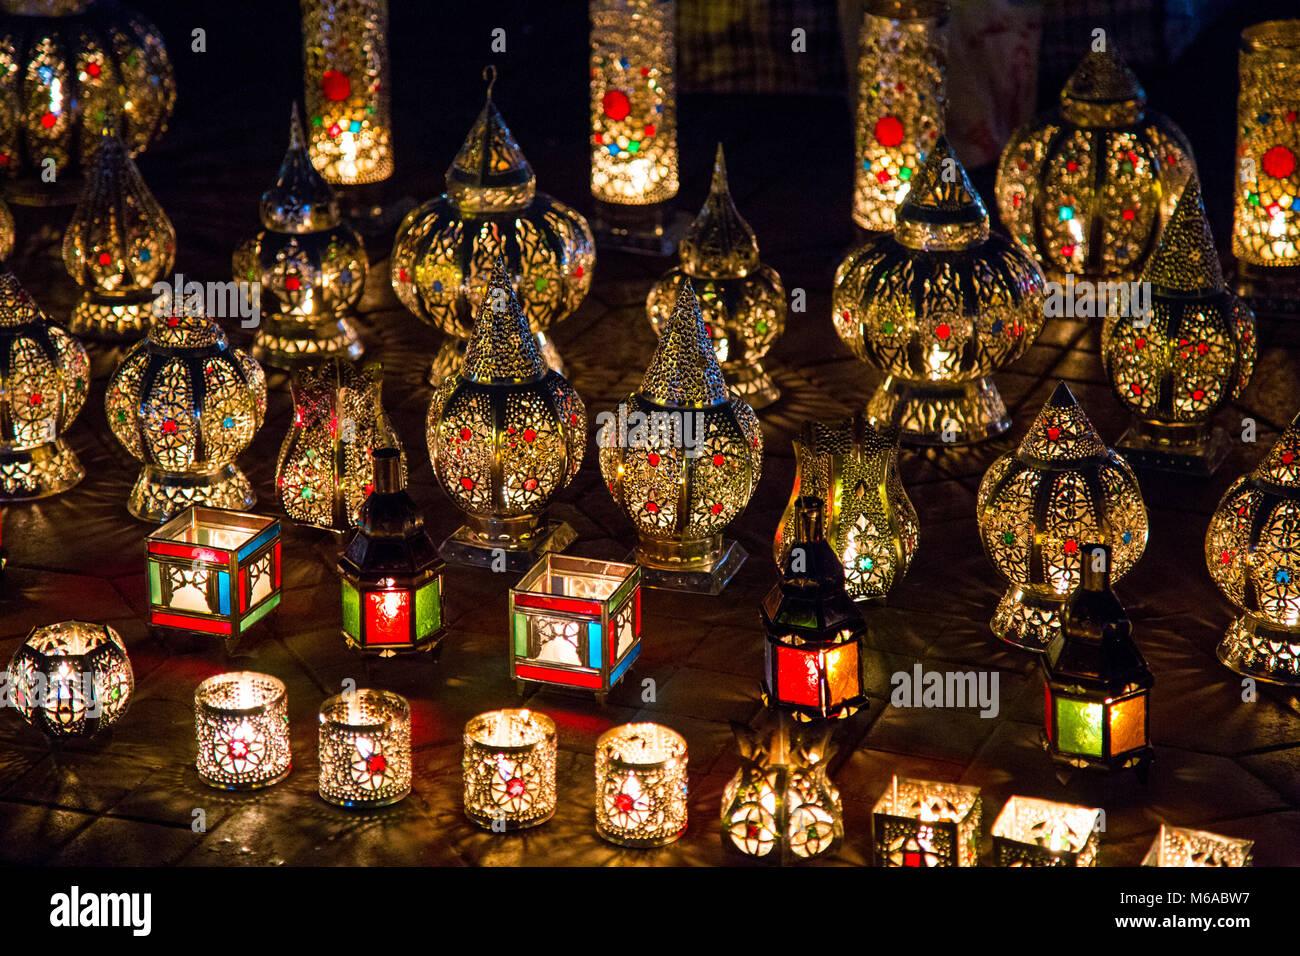 Visualizzazione Dei Colorati Lampade Orientali Nel Mercato Di